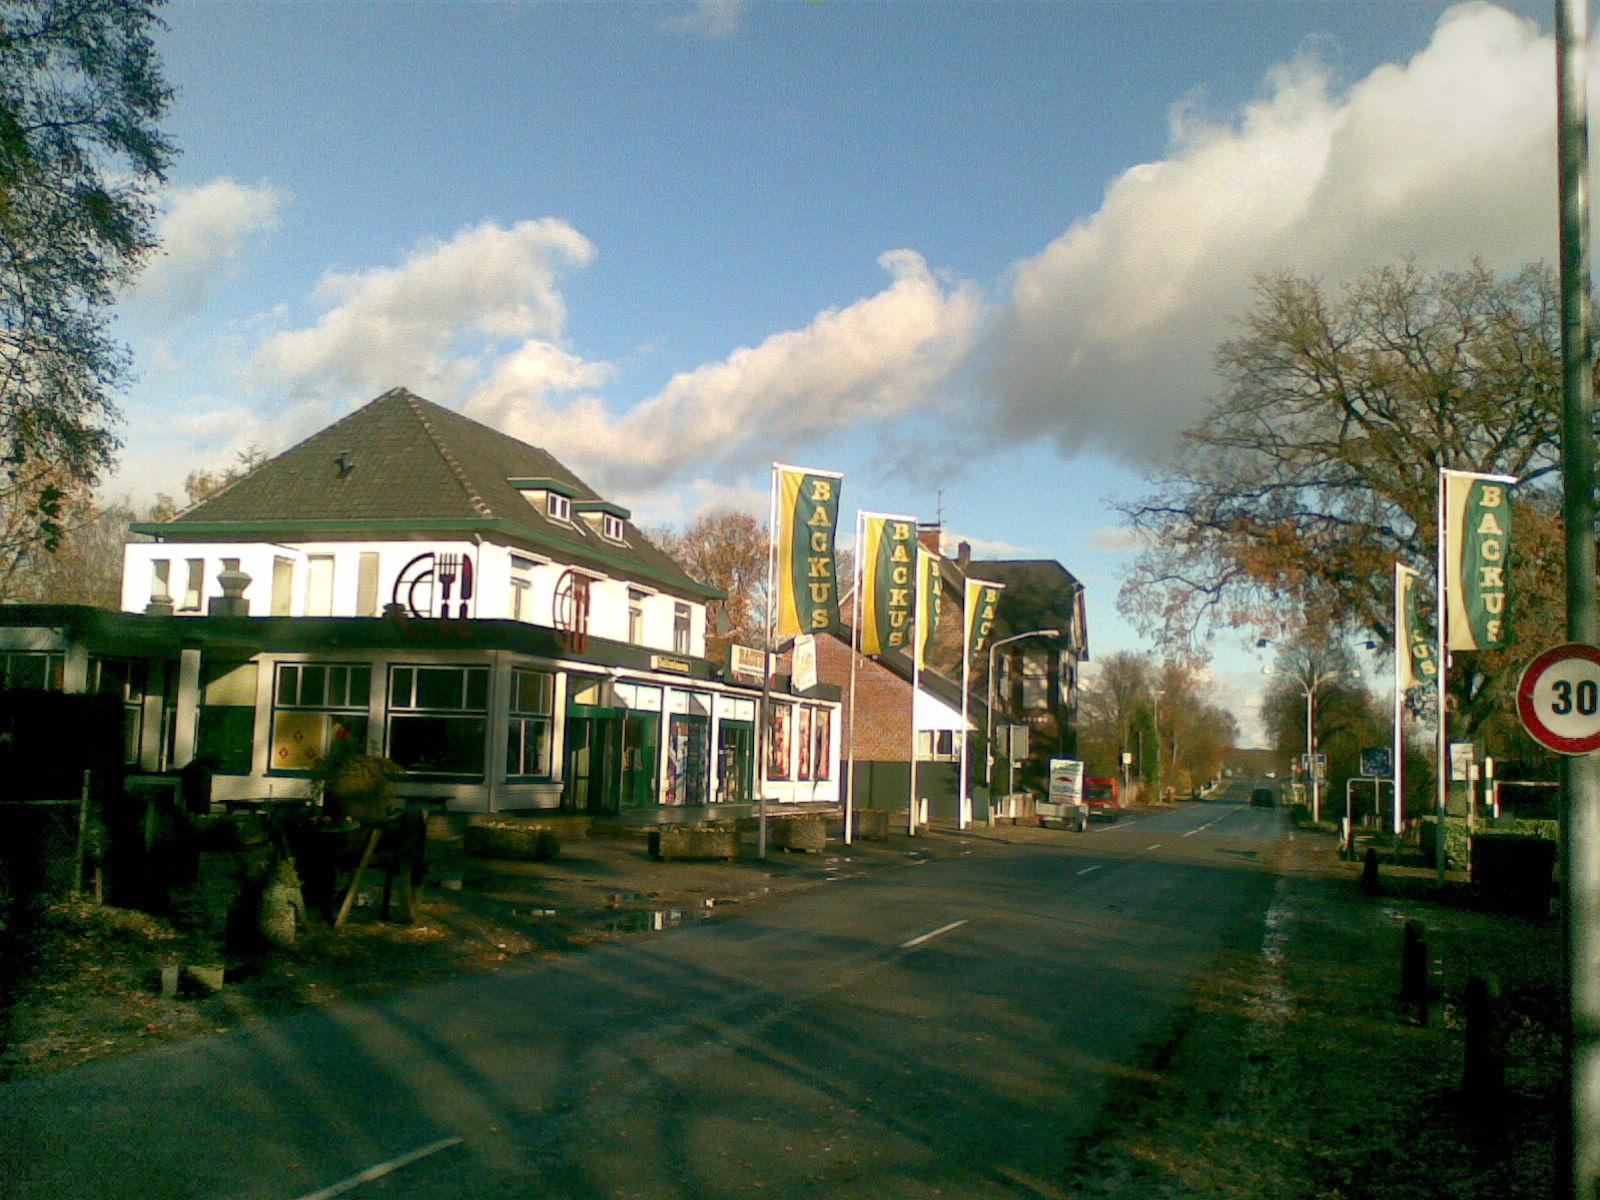 Description Cafe Backus site of Venlo Incident Netherlands in 2007.jpg